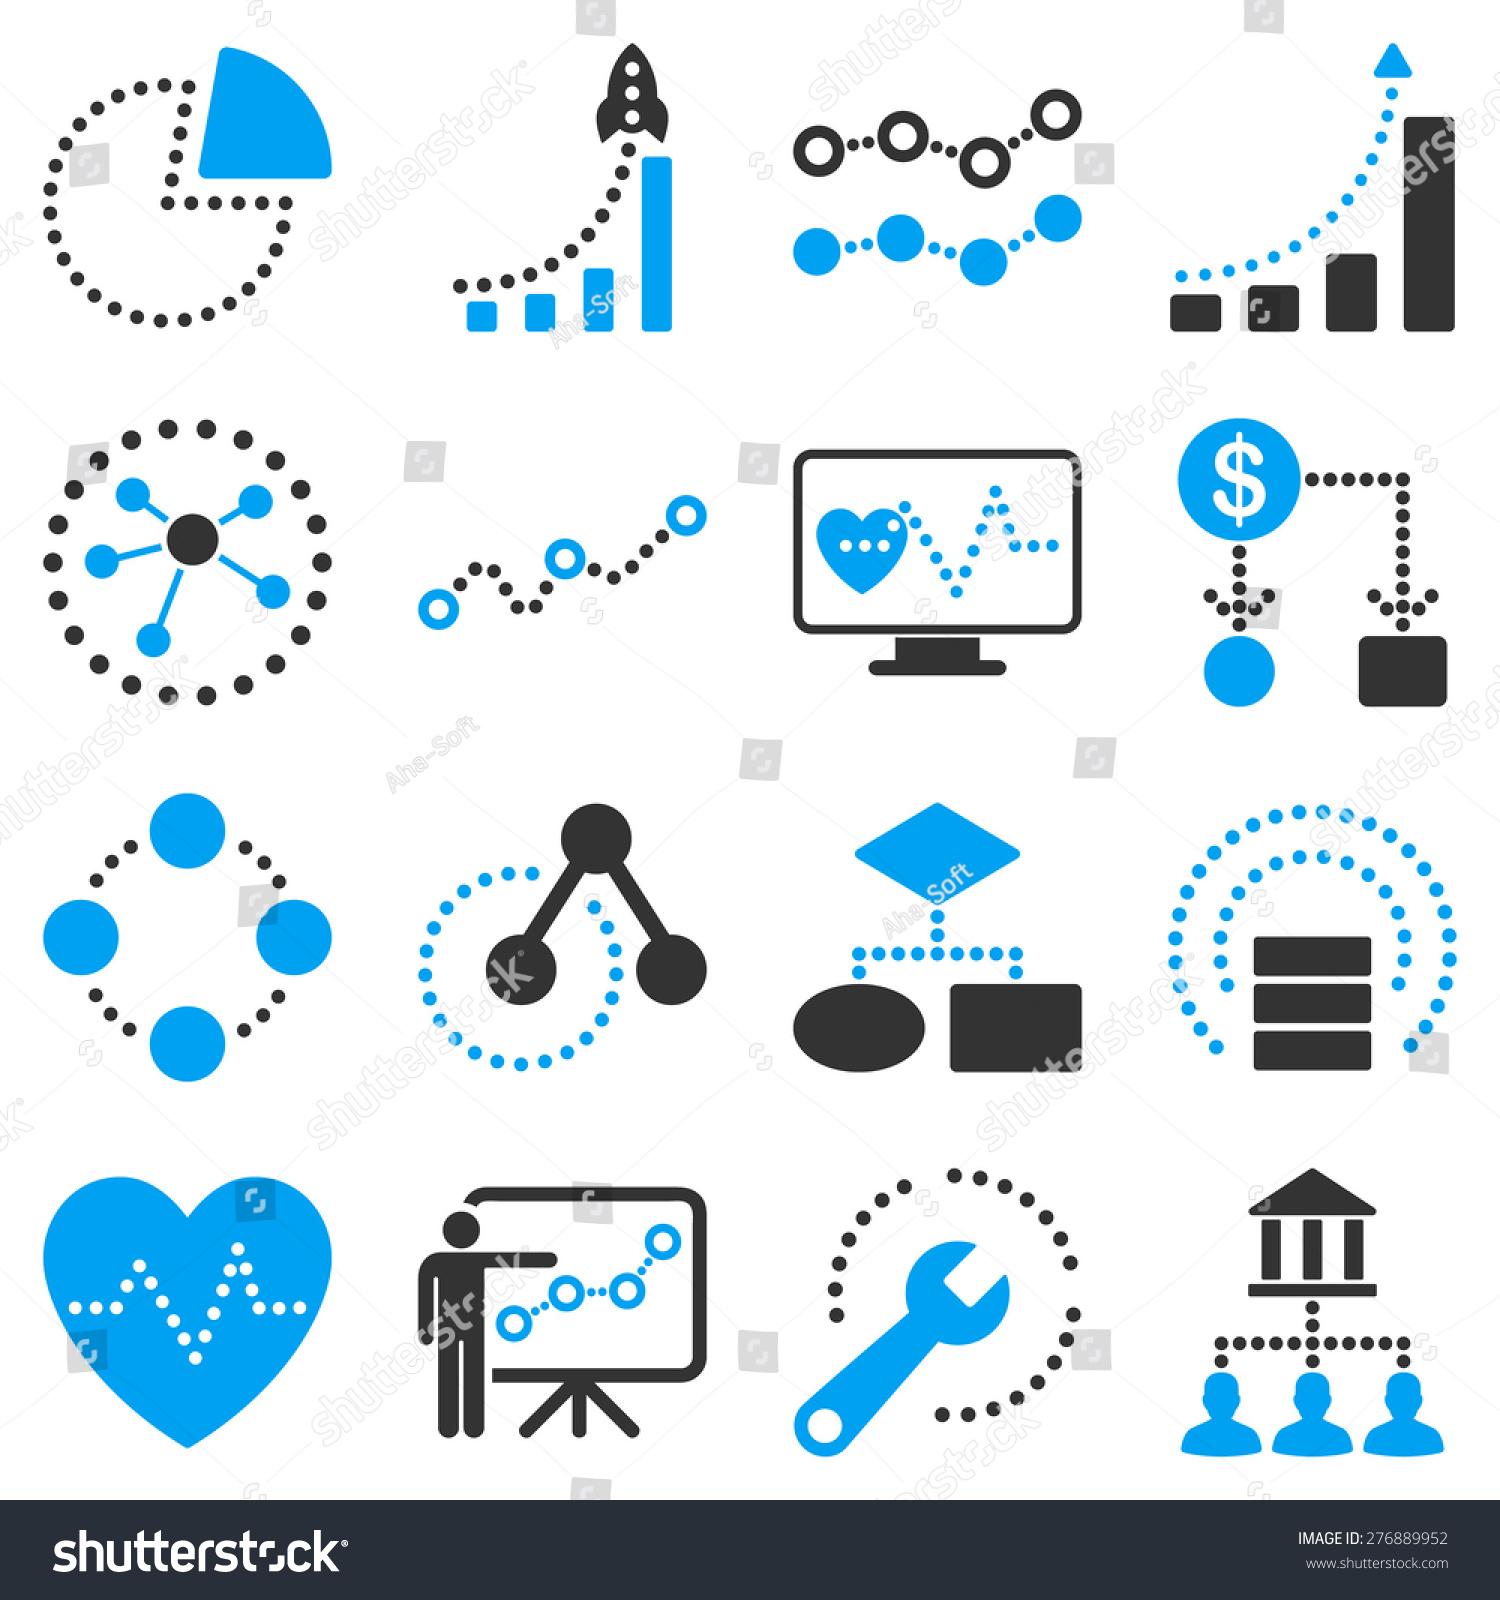 虚线业务图标矢量图.这二色的矢量图标组使用现代企业